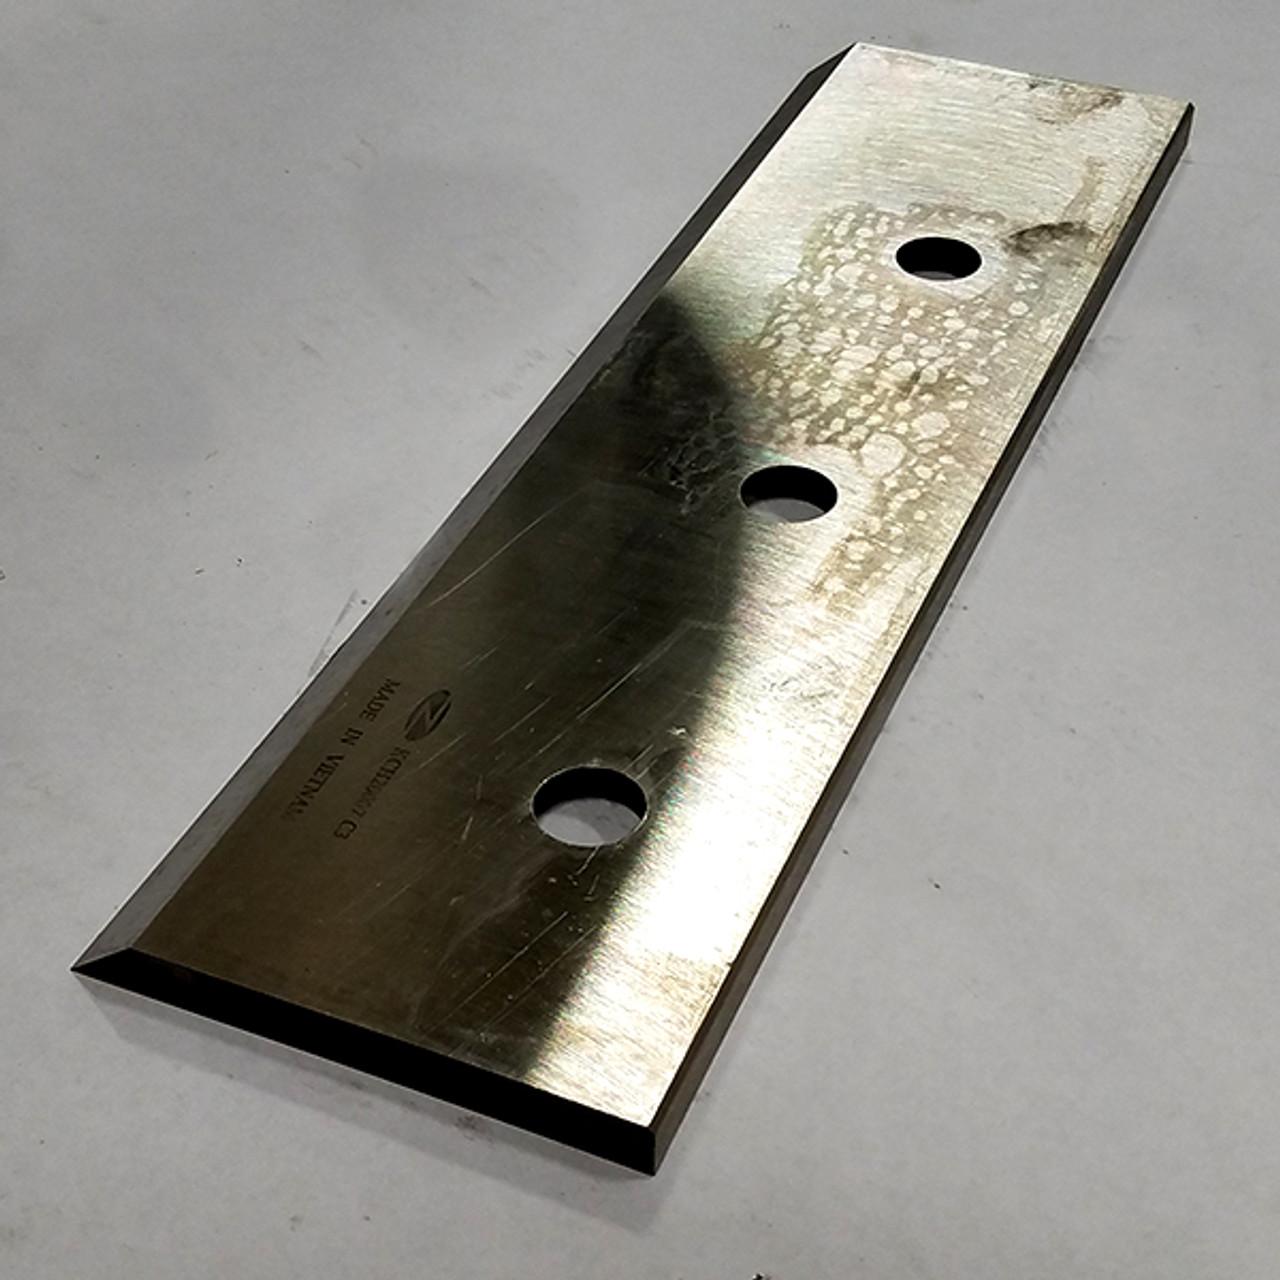 900-9910-12: Vermeer 606, 906, 935 Aftermarket Chipper Knife